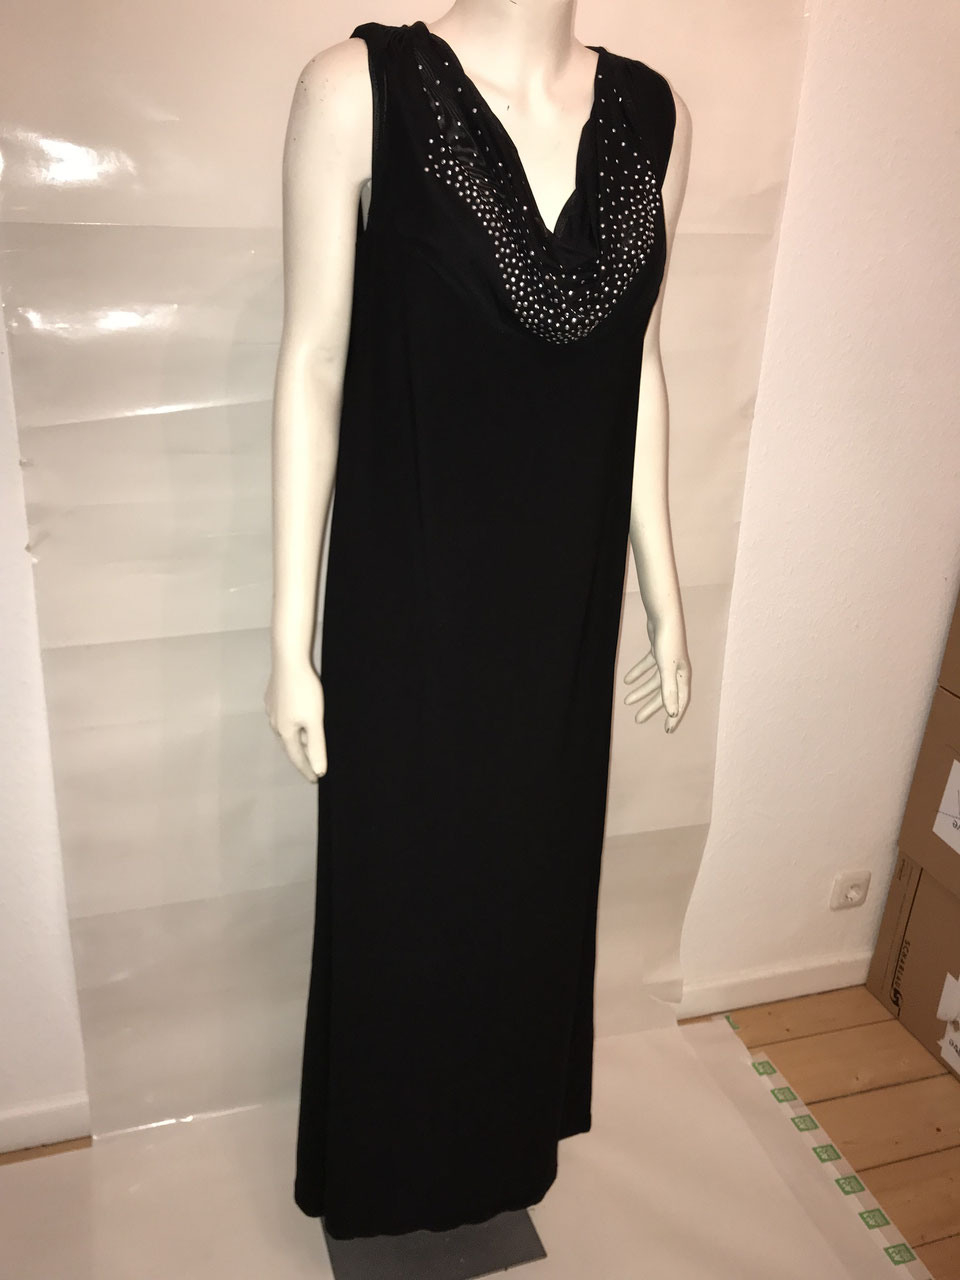 Abend Wunderbar Abendkleider B-Ware Vertrieb Top Abendkleider B-Ware Stylish